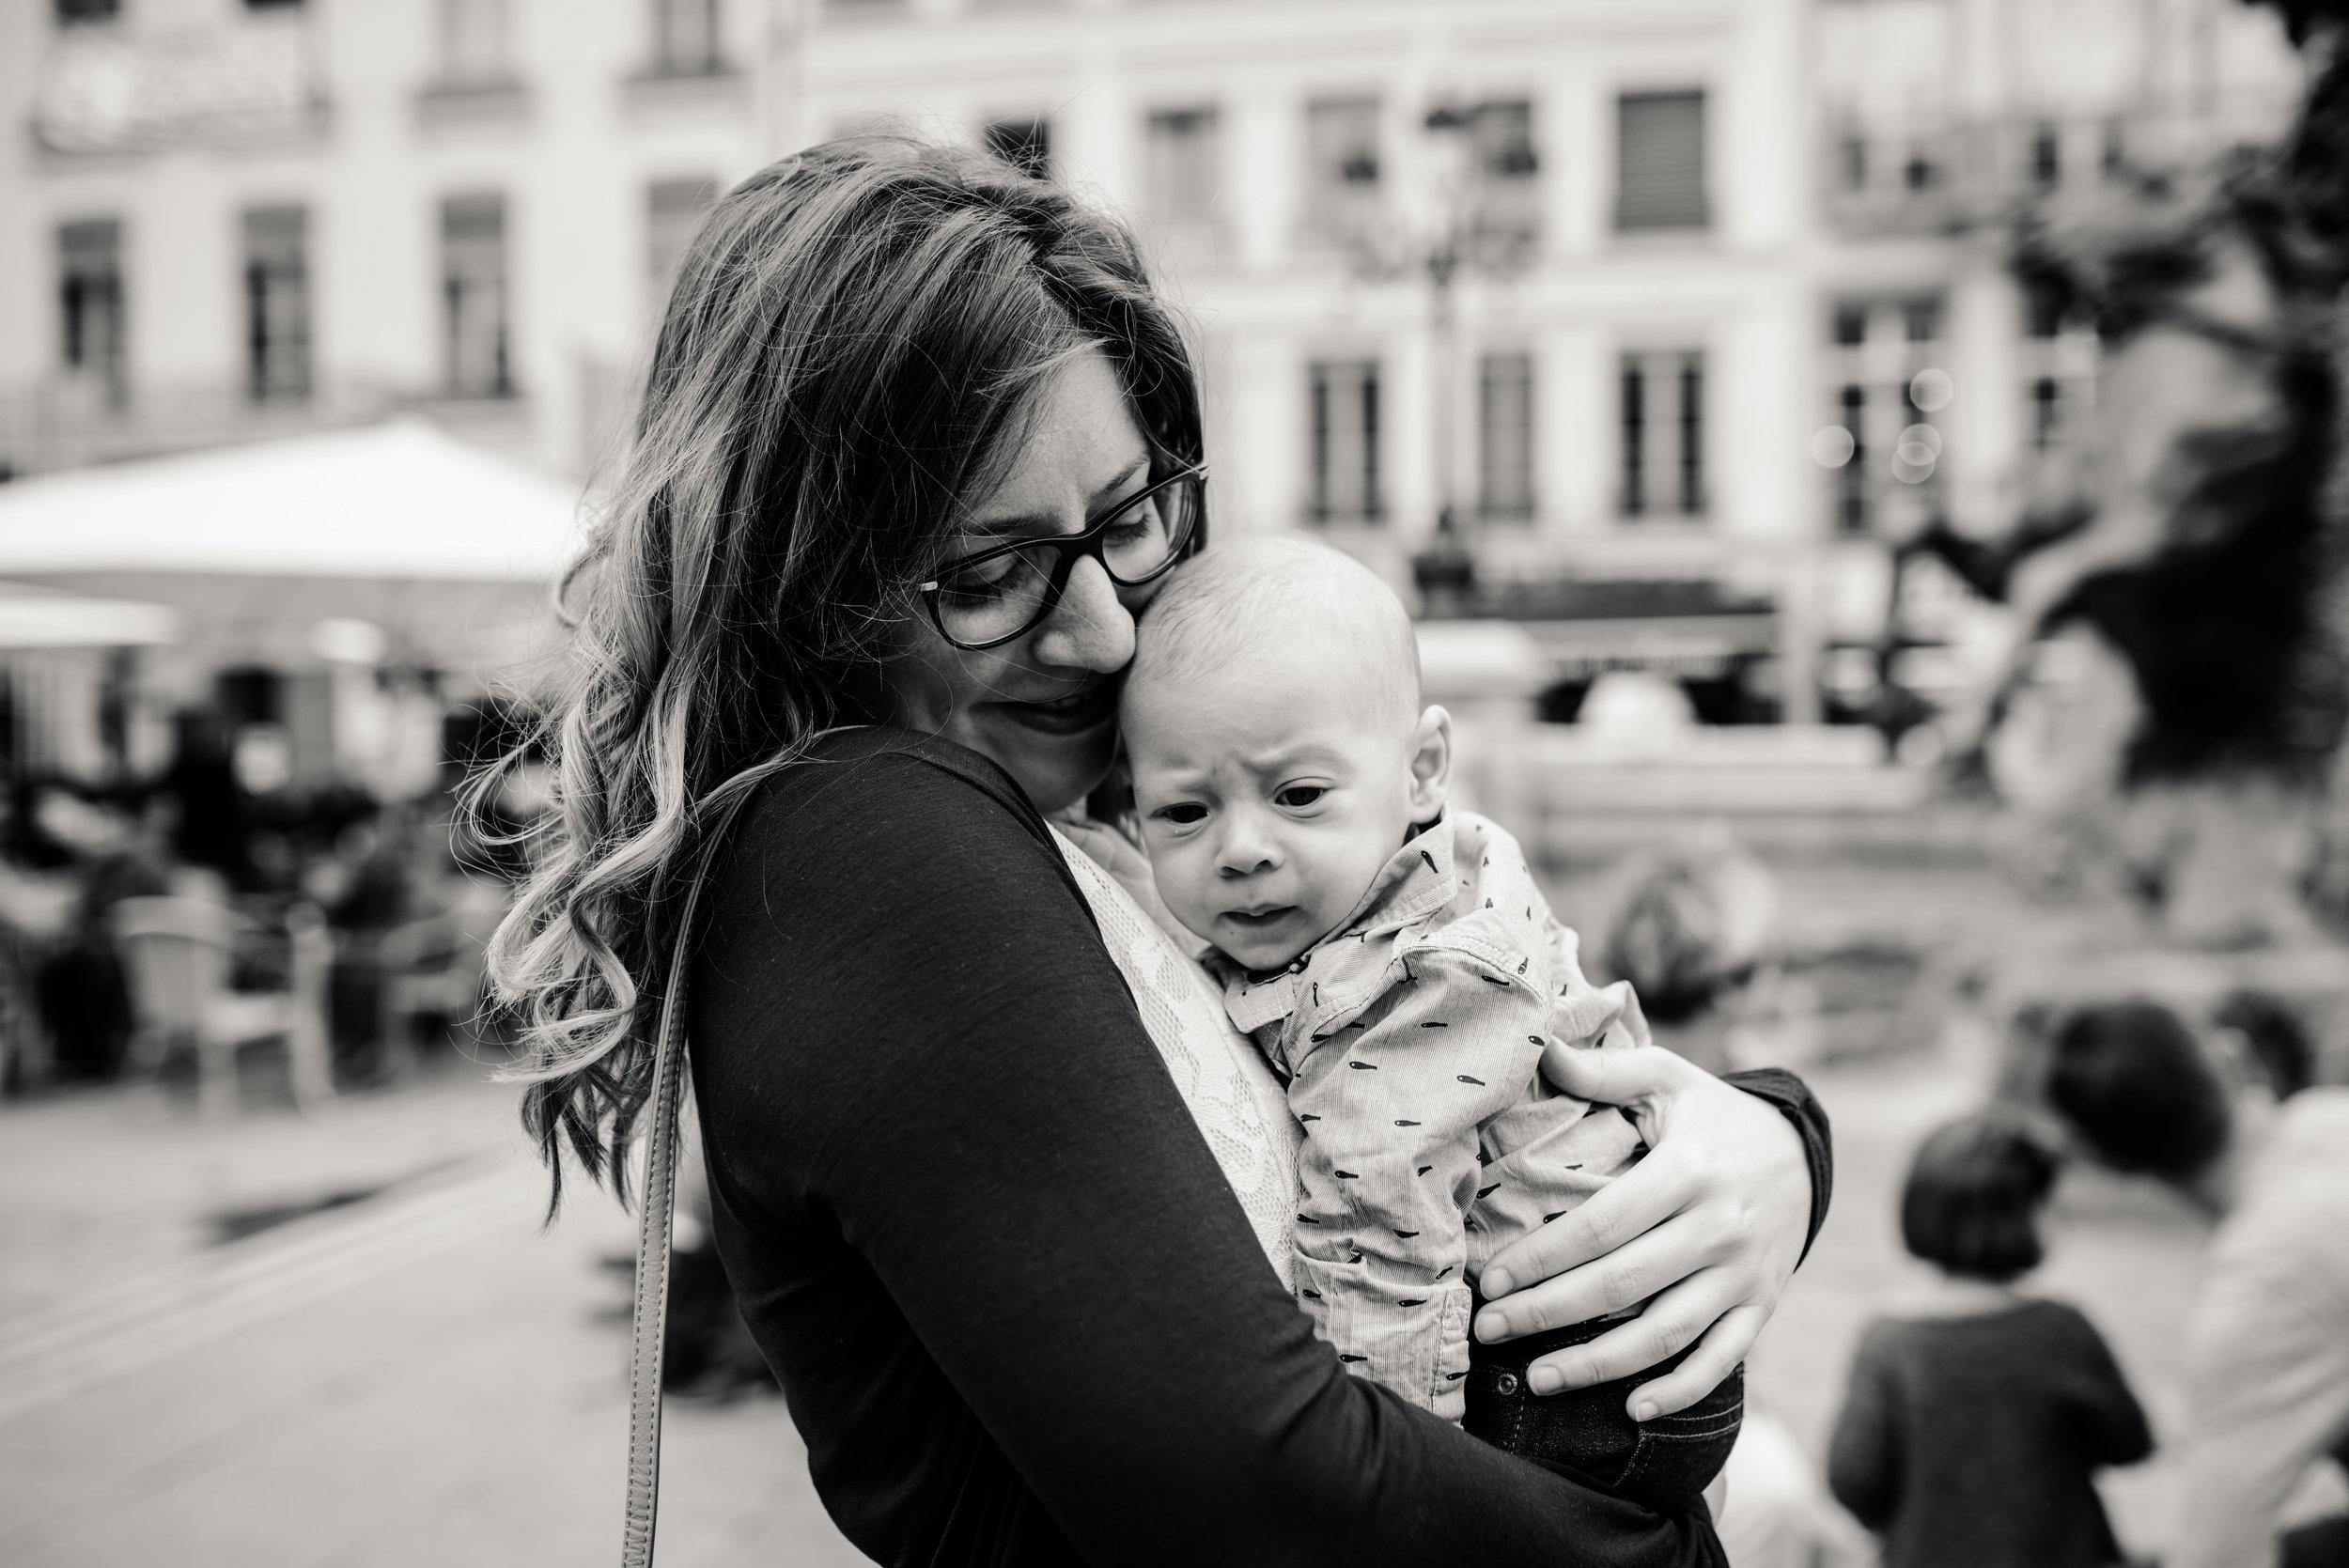 Léa-Fery-photographe-professionnel-lyon-rhone-alpes-portrait-creation-mariage-evenement-evenementiel-famille-6660.jpg